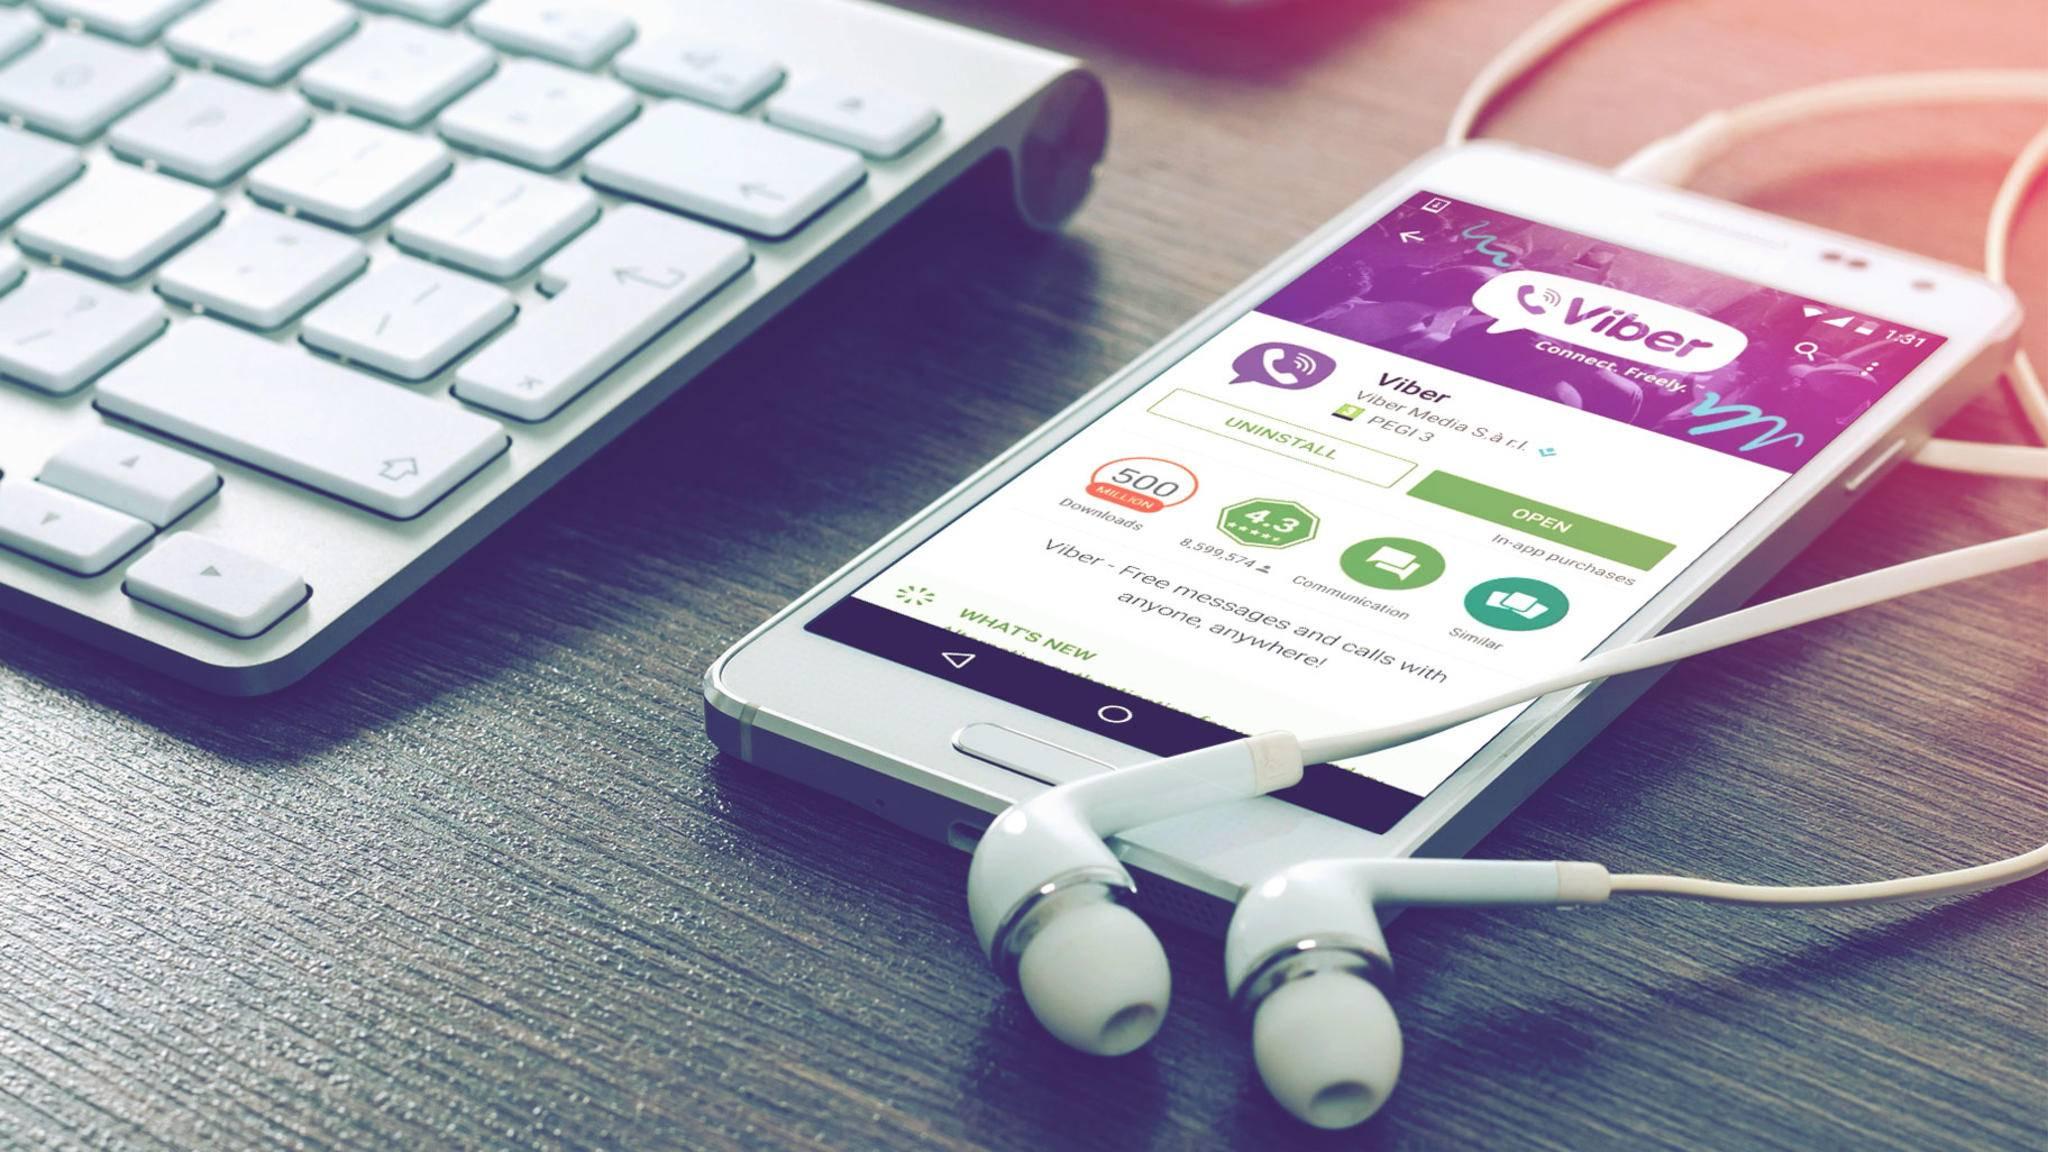 Viber ist eine FaceTime-Alternative, mit der Du kostenlos Videogespräche führen kannst.